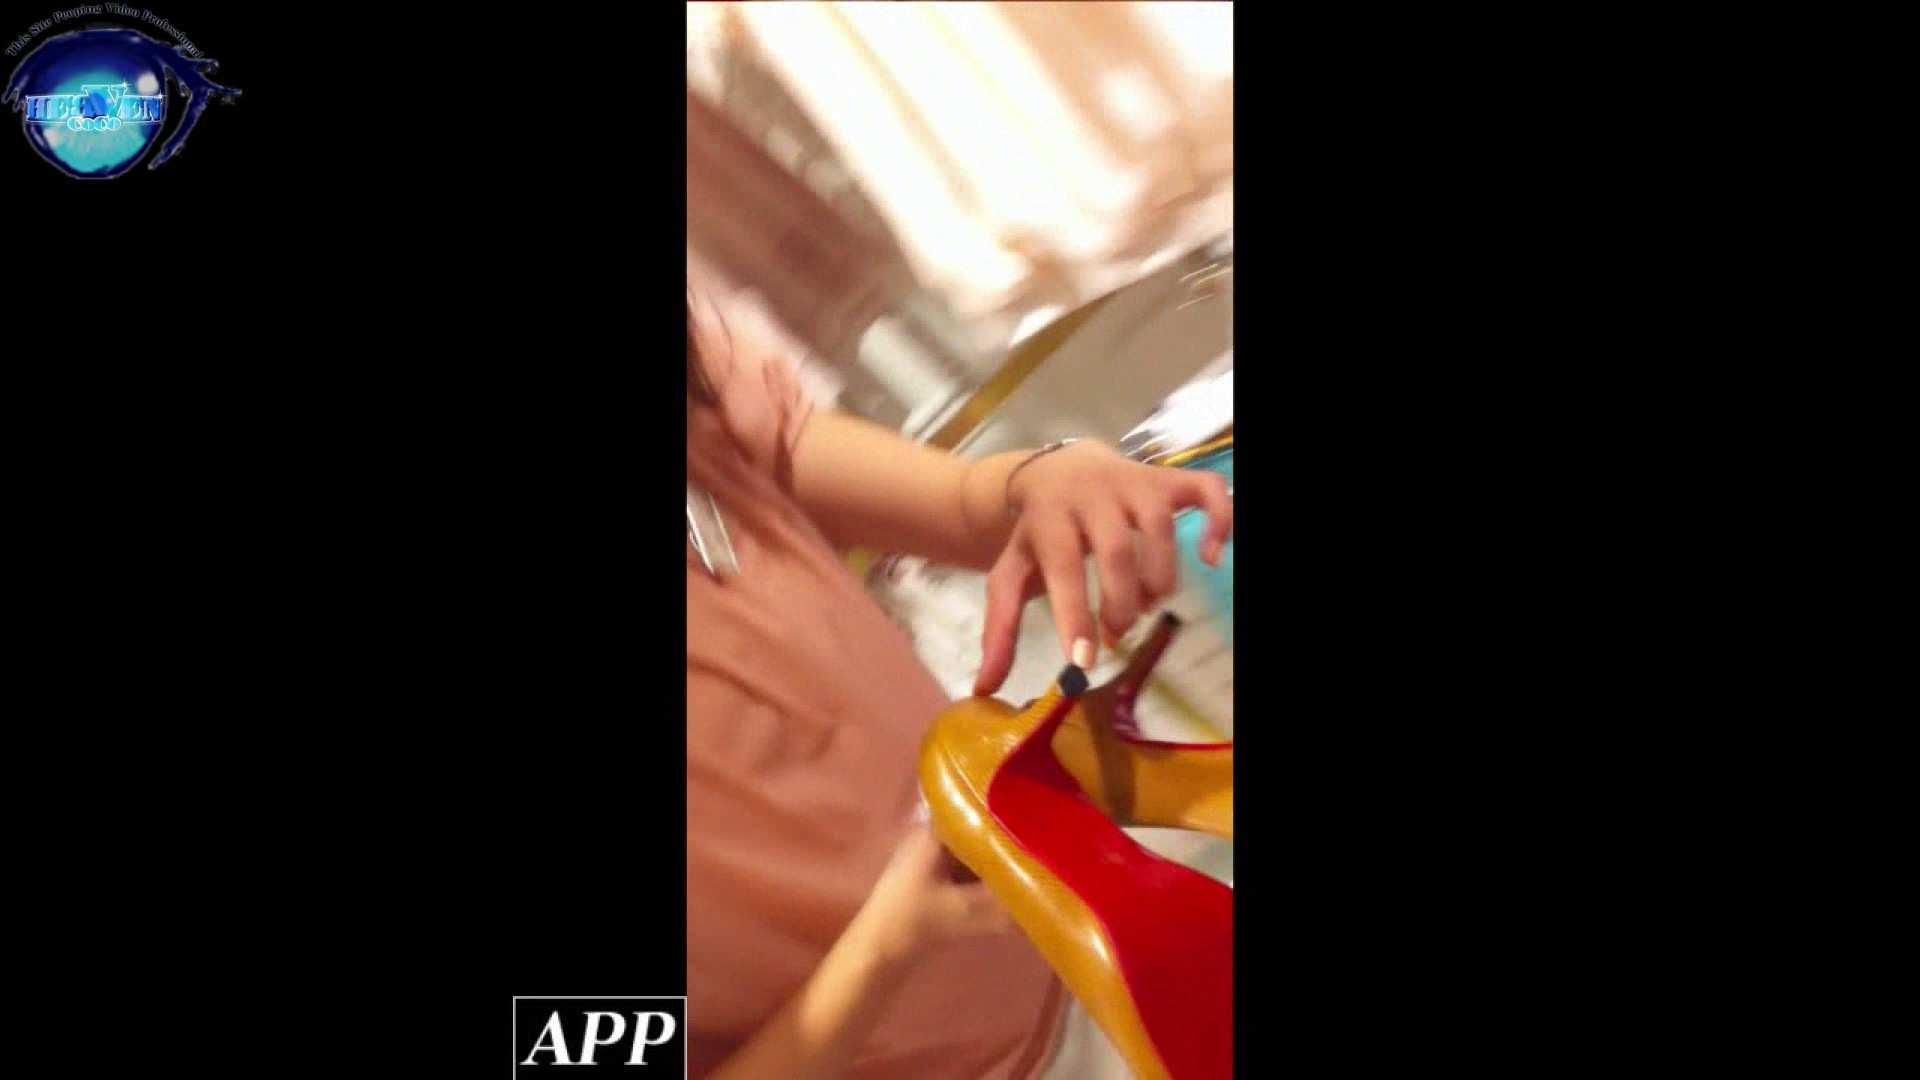 ハイビジョン盗撮!ショップ店員千人斬り!胸チラ編 vol.56 チクビ すけべAV動画紹介 87連発 35